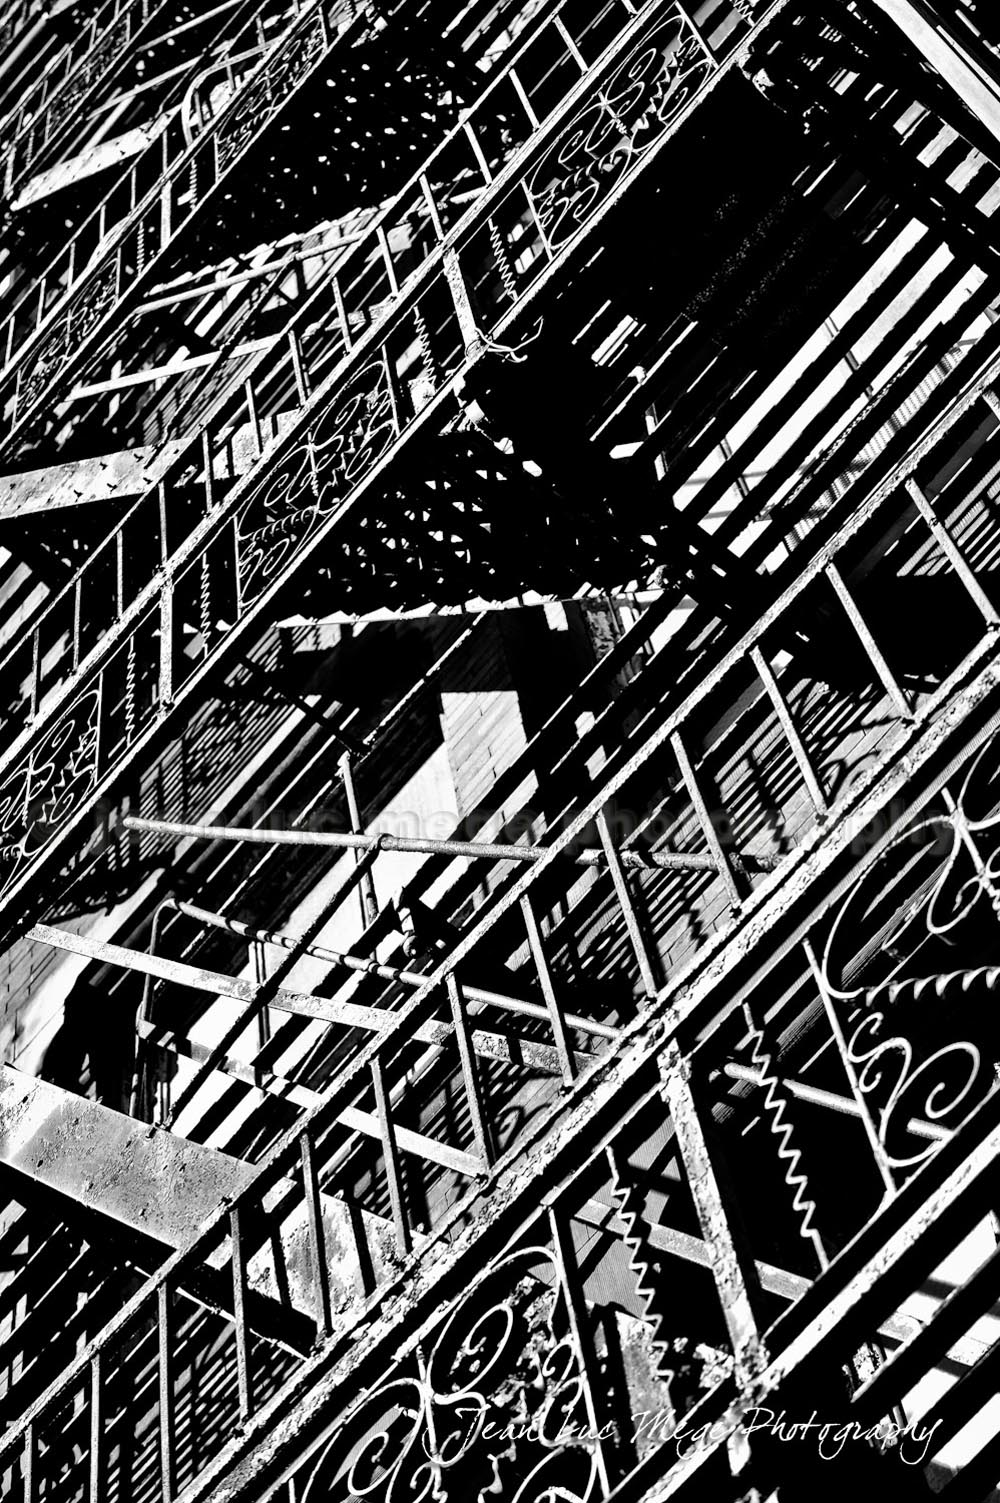 Architecture-jluc-mege012.jpg